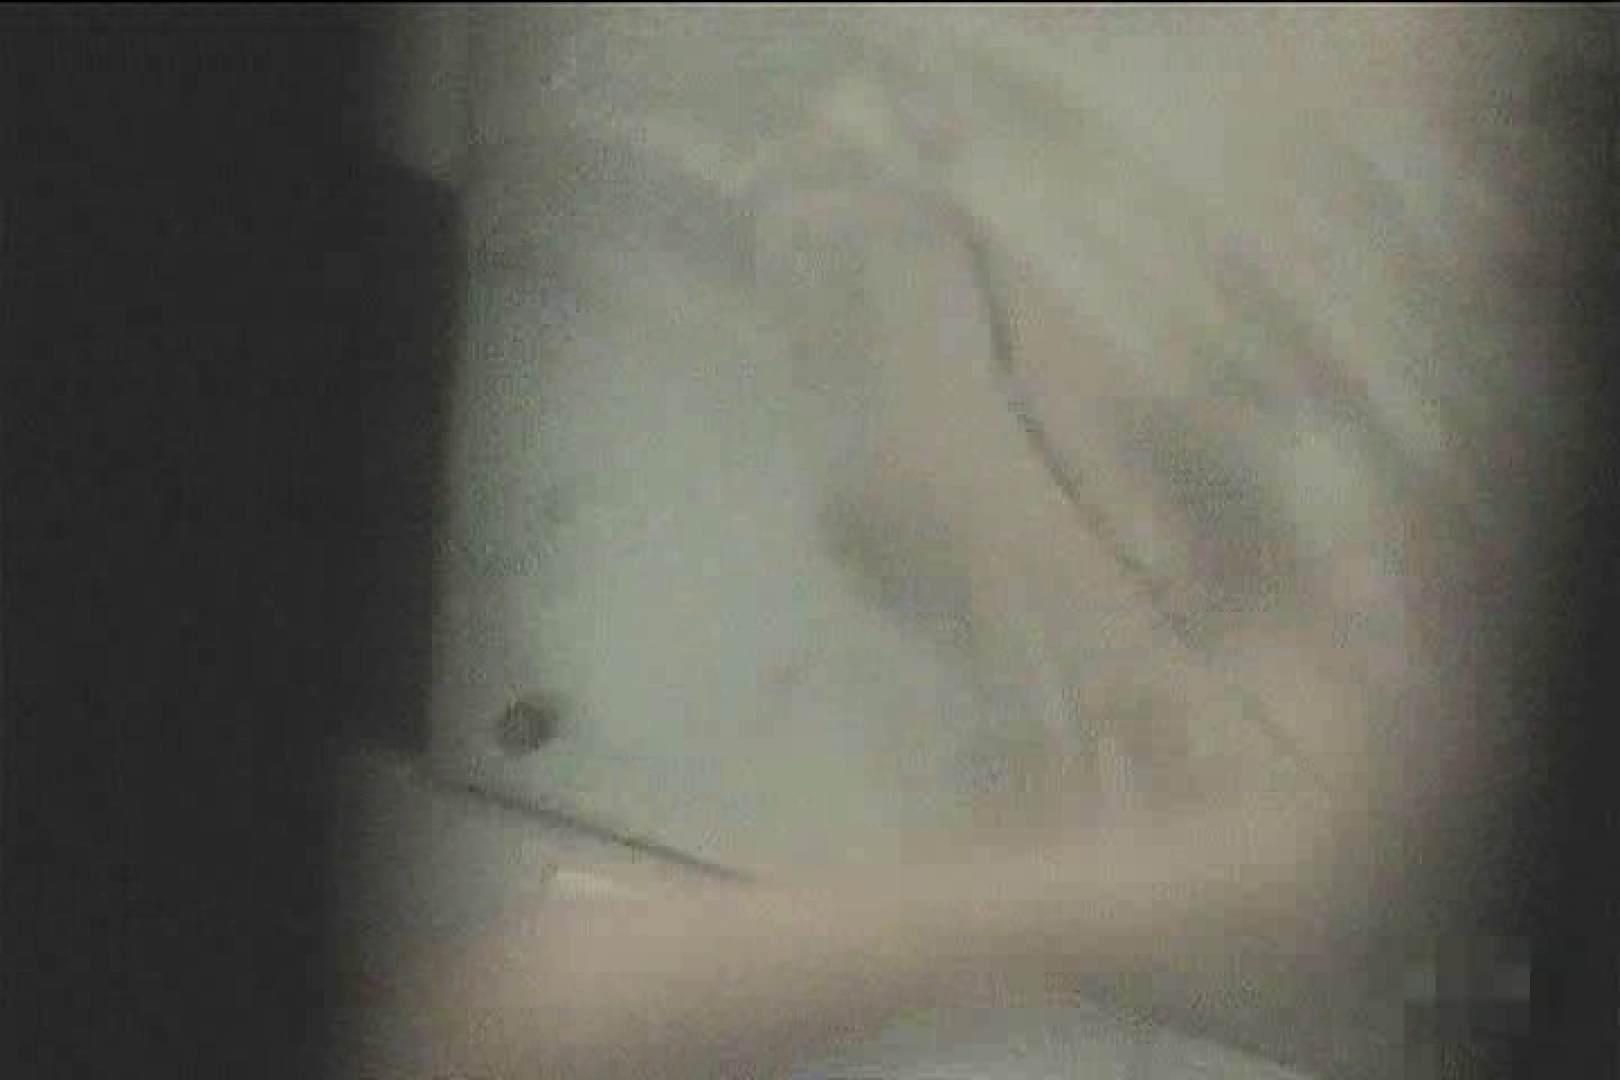 激撮ストーカー記録あなたのお宅拝見しますVol.11 オナニーDEエッチ オマンコ動画キャプチャ 78PIX 18